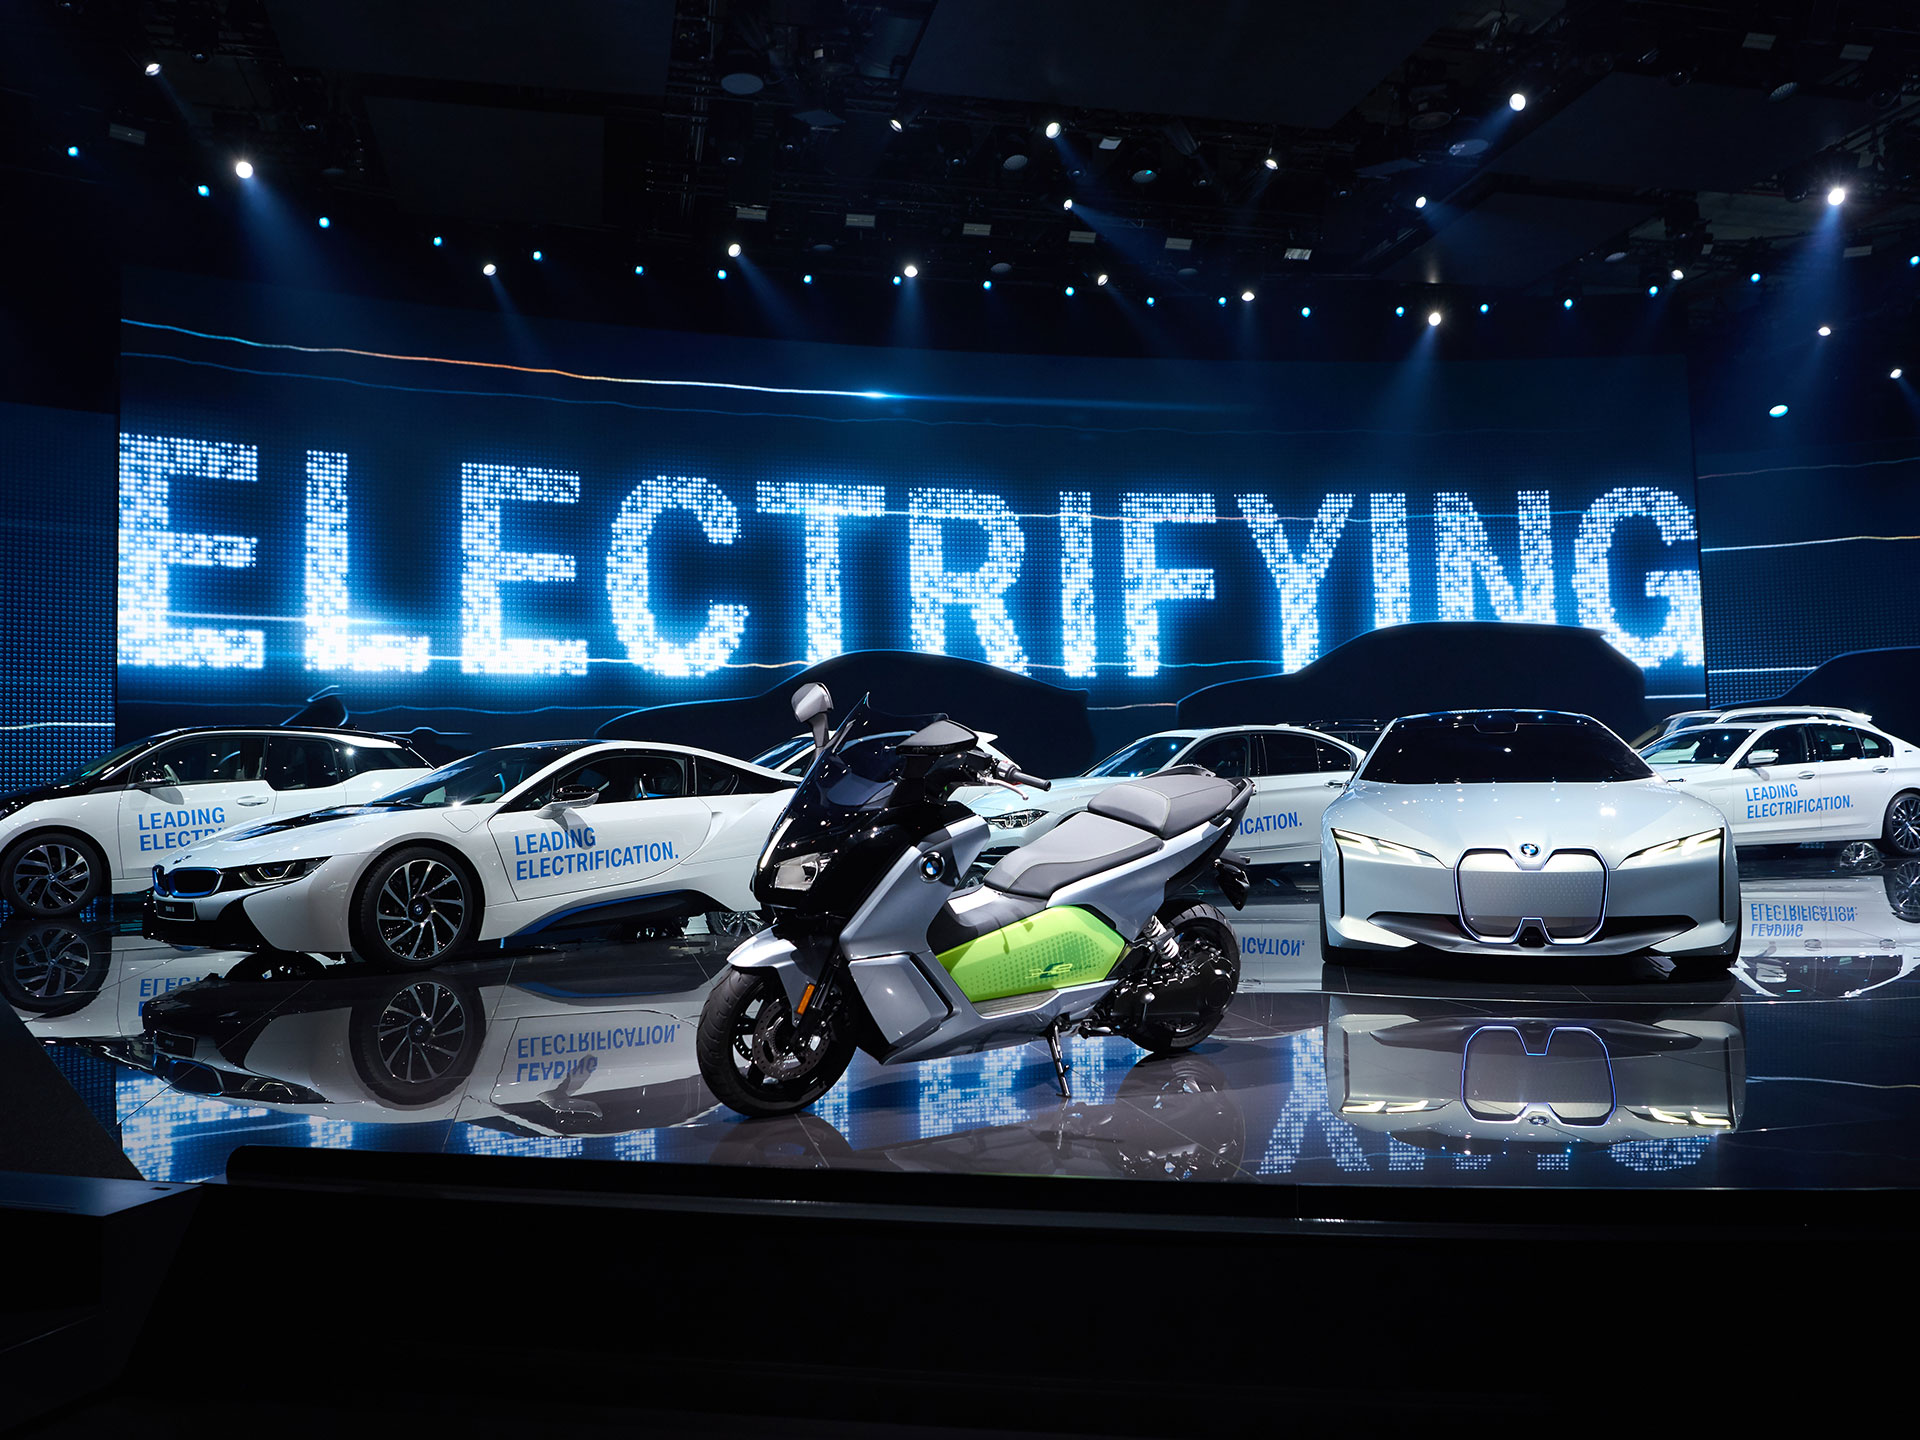 Electrificación, ése enfoque sera el target primordial de BMW en los posteriores años; para 2025 deberán tener doce coches eléctricos dentro de su portafolio de producto. Foto: BMW